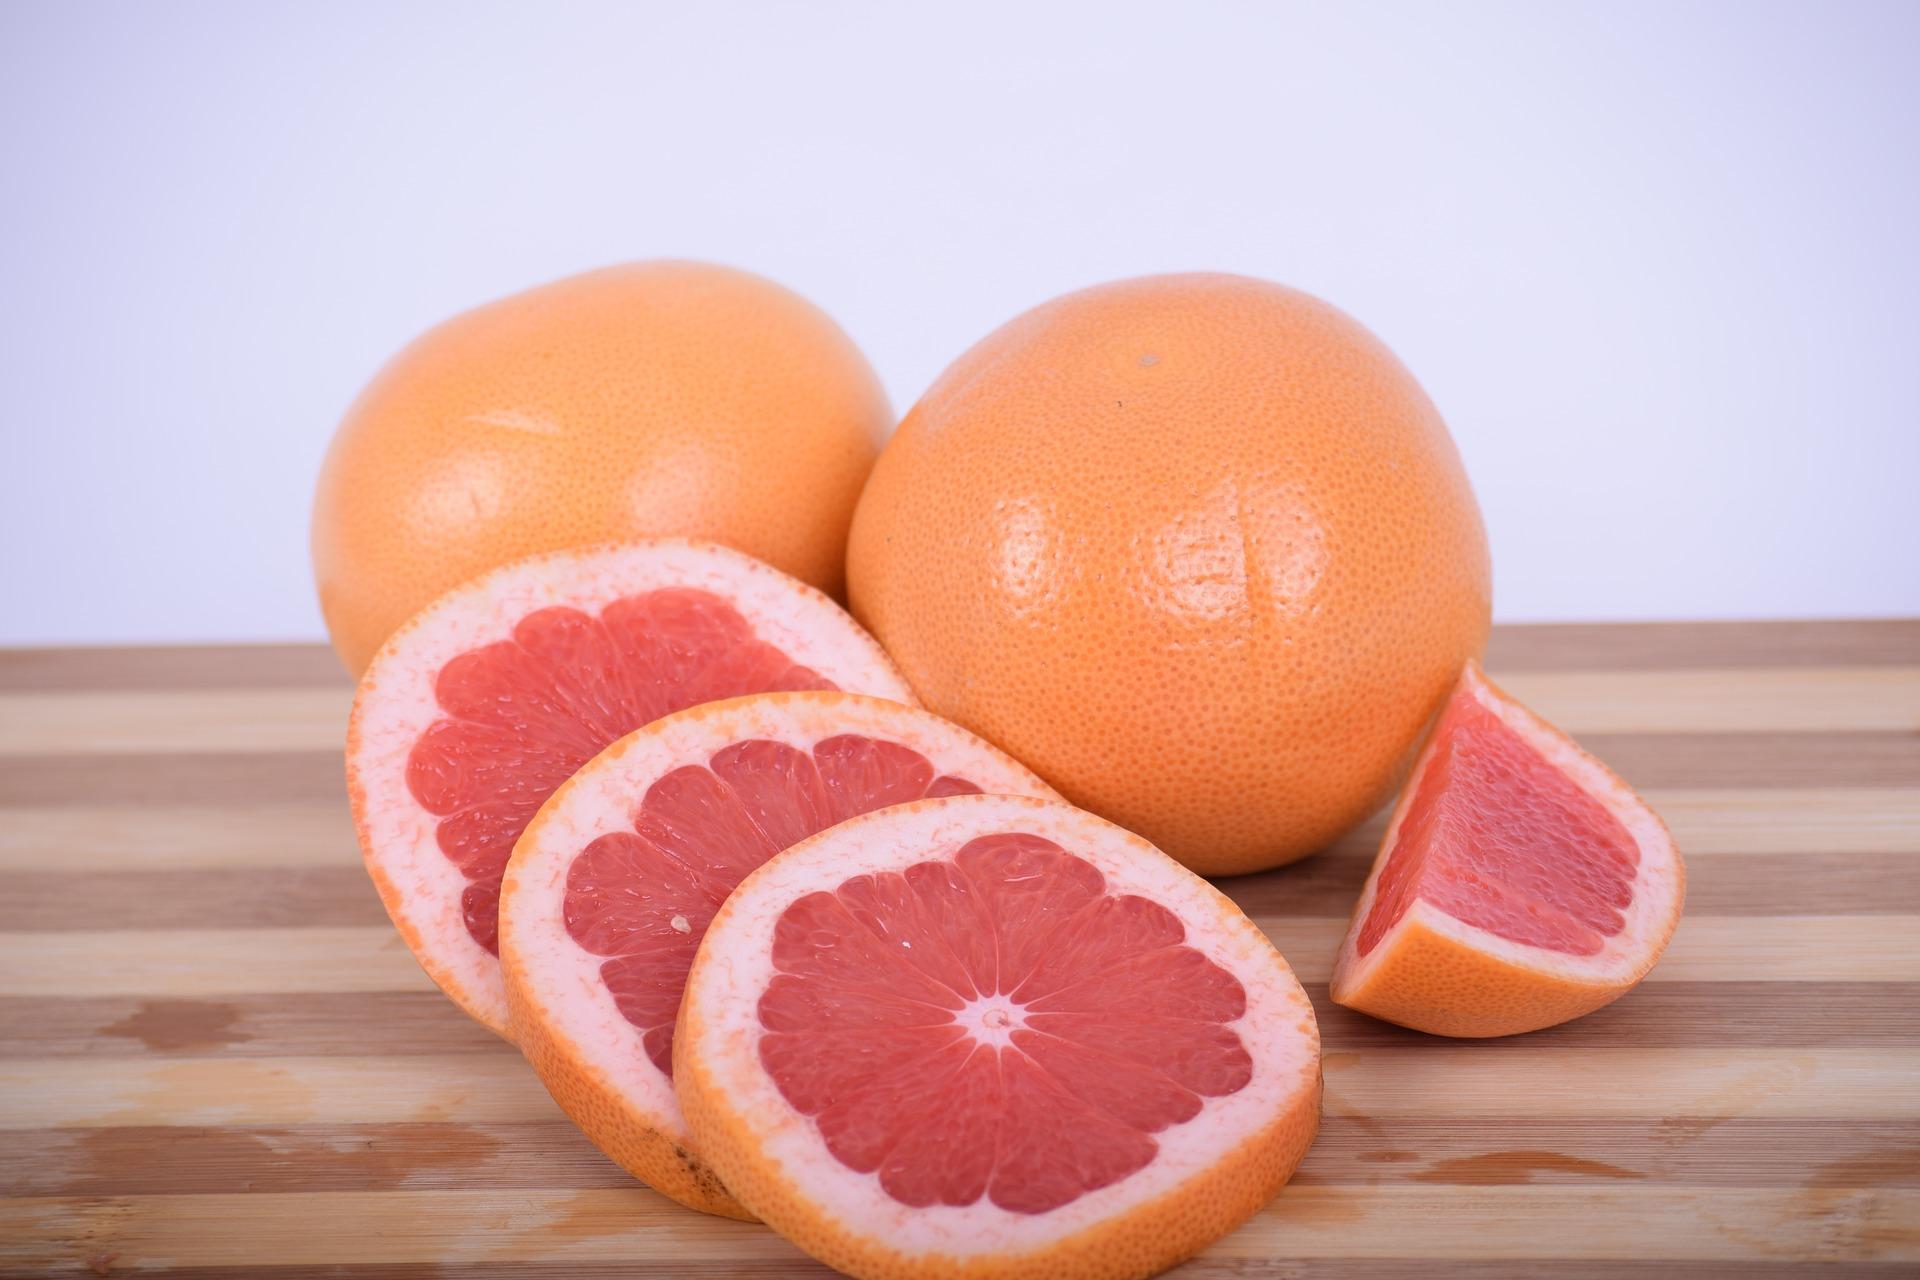 紅葡萄柚果肉